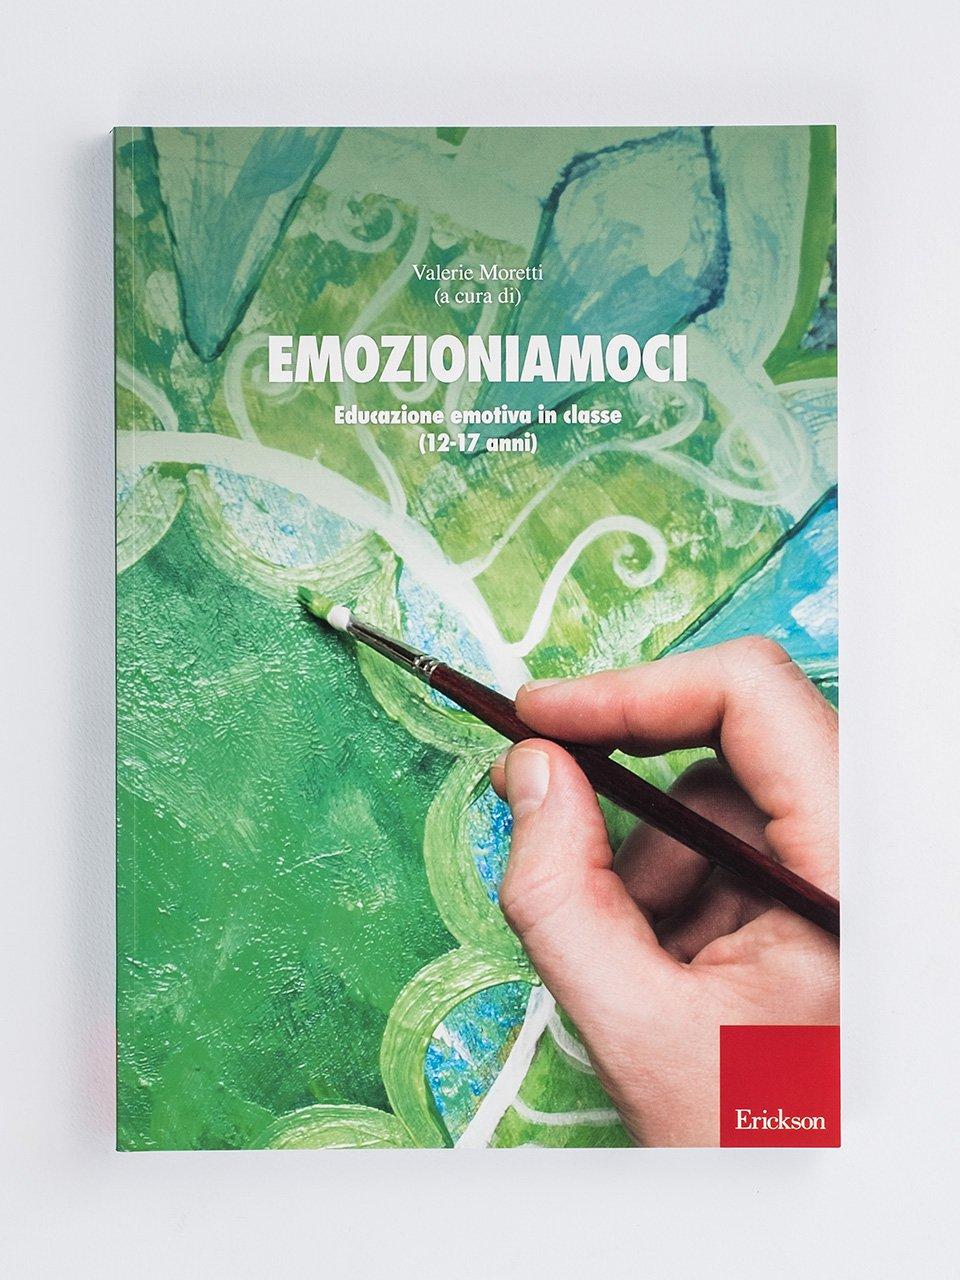 Emozioniamoci - La regolazione delle emozioni in psicoterapia - Libri - Erickson